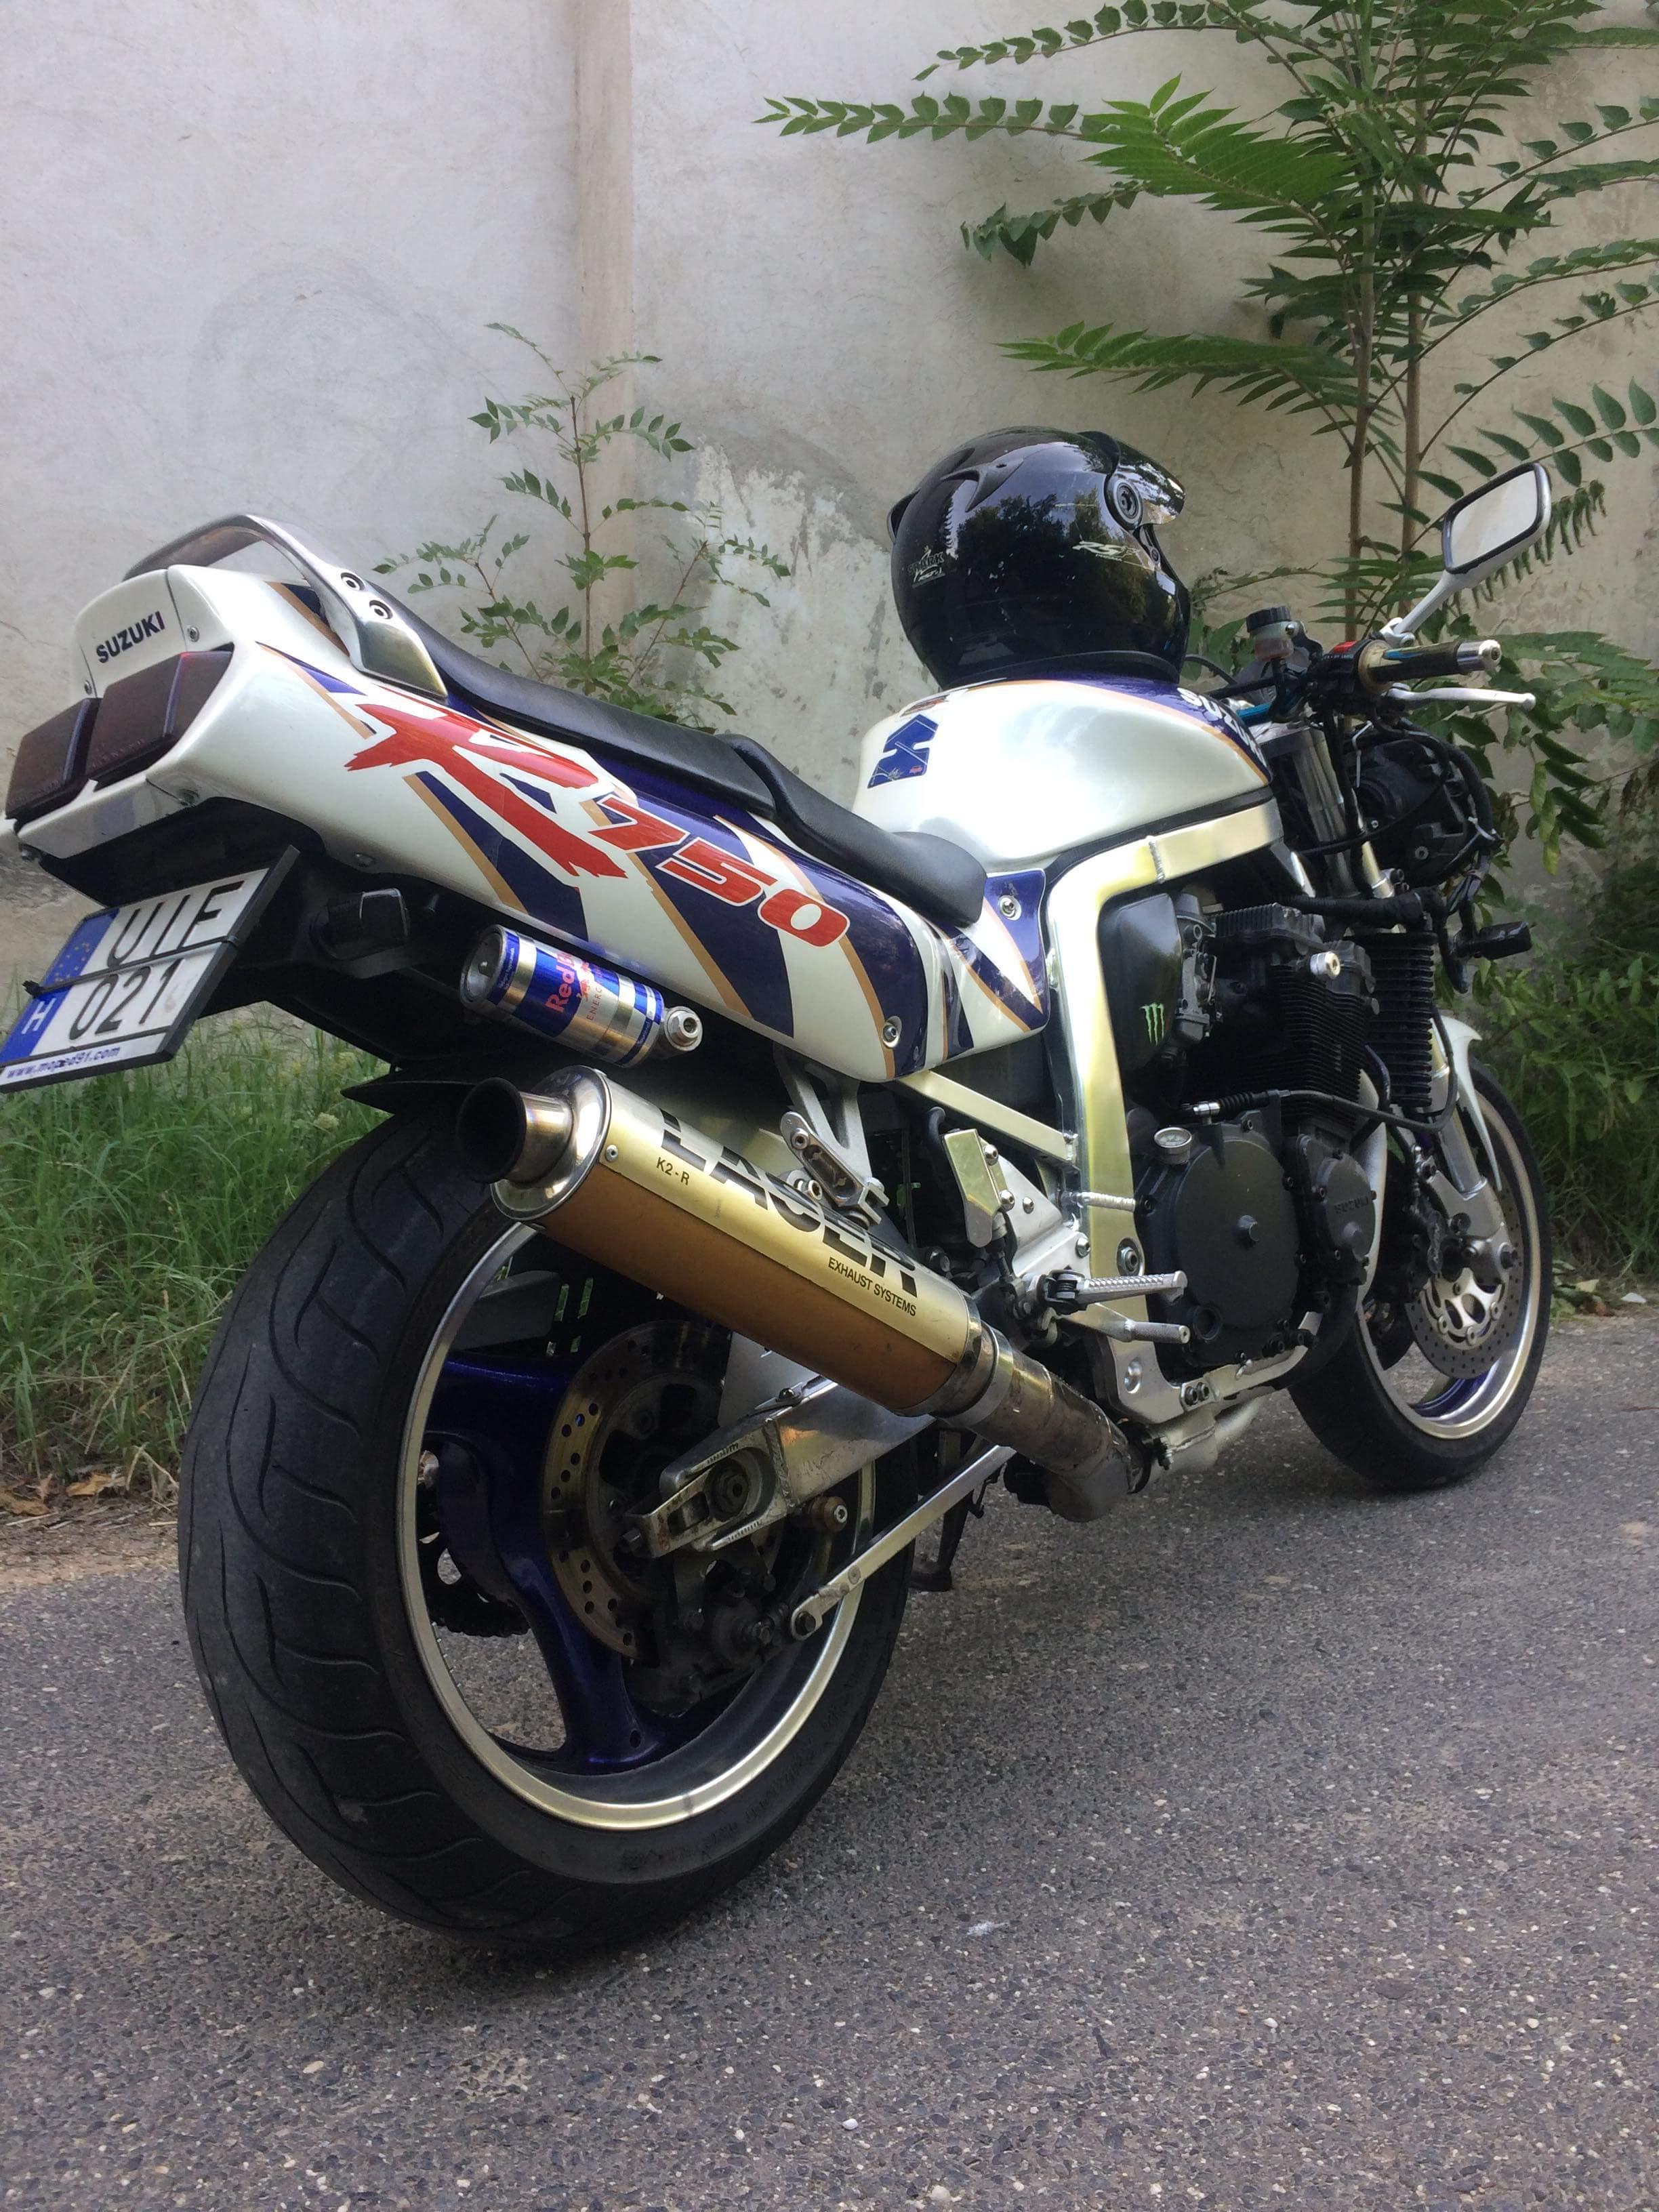 SUZUKI GSXR750, 5. kép